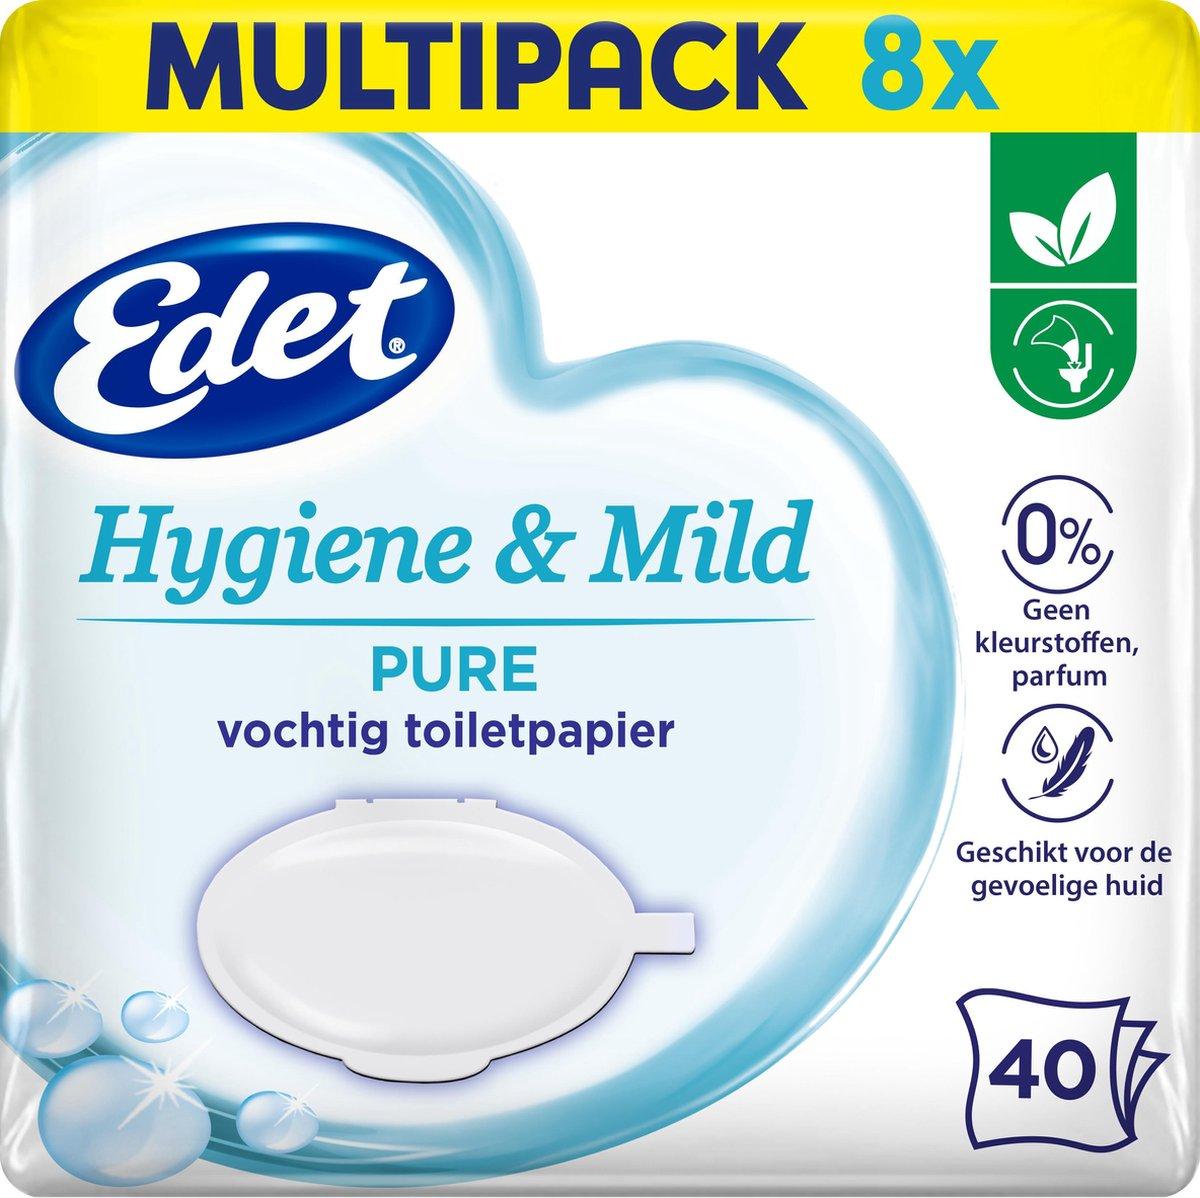 Edet Pure vochtig toiletpapier - 8 x 40 stuks - halfjaar voorraad